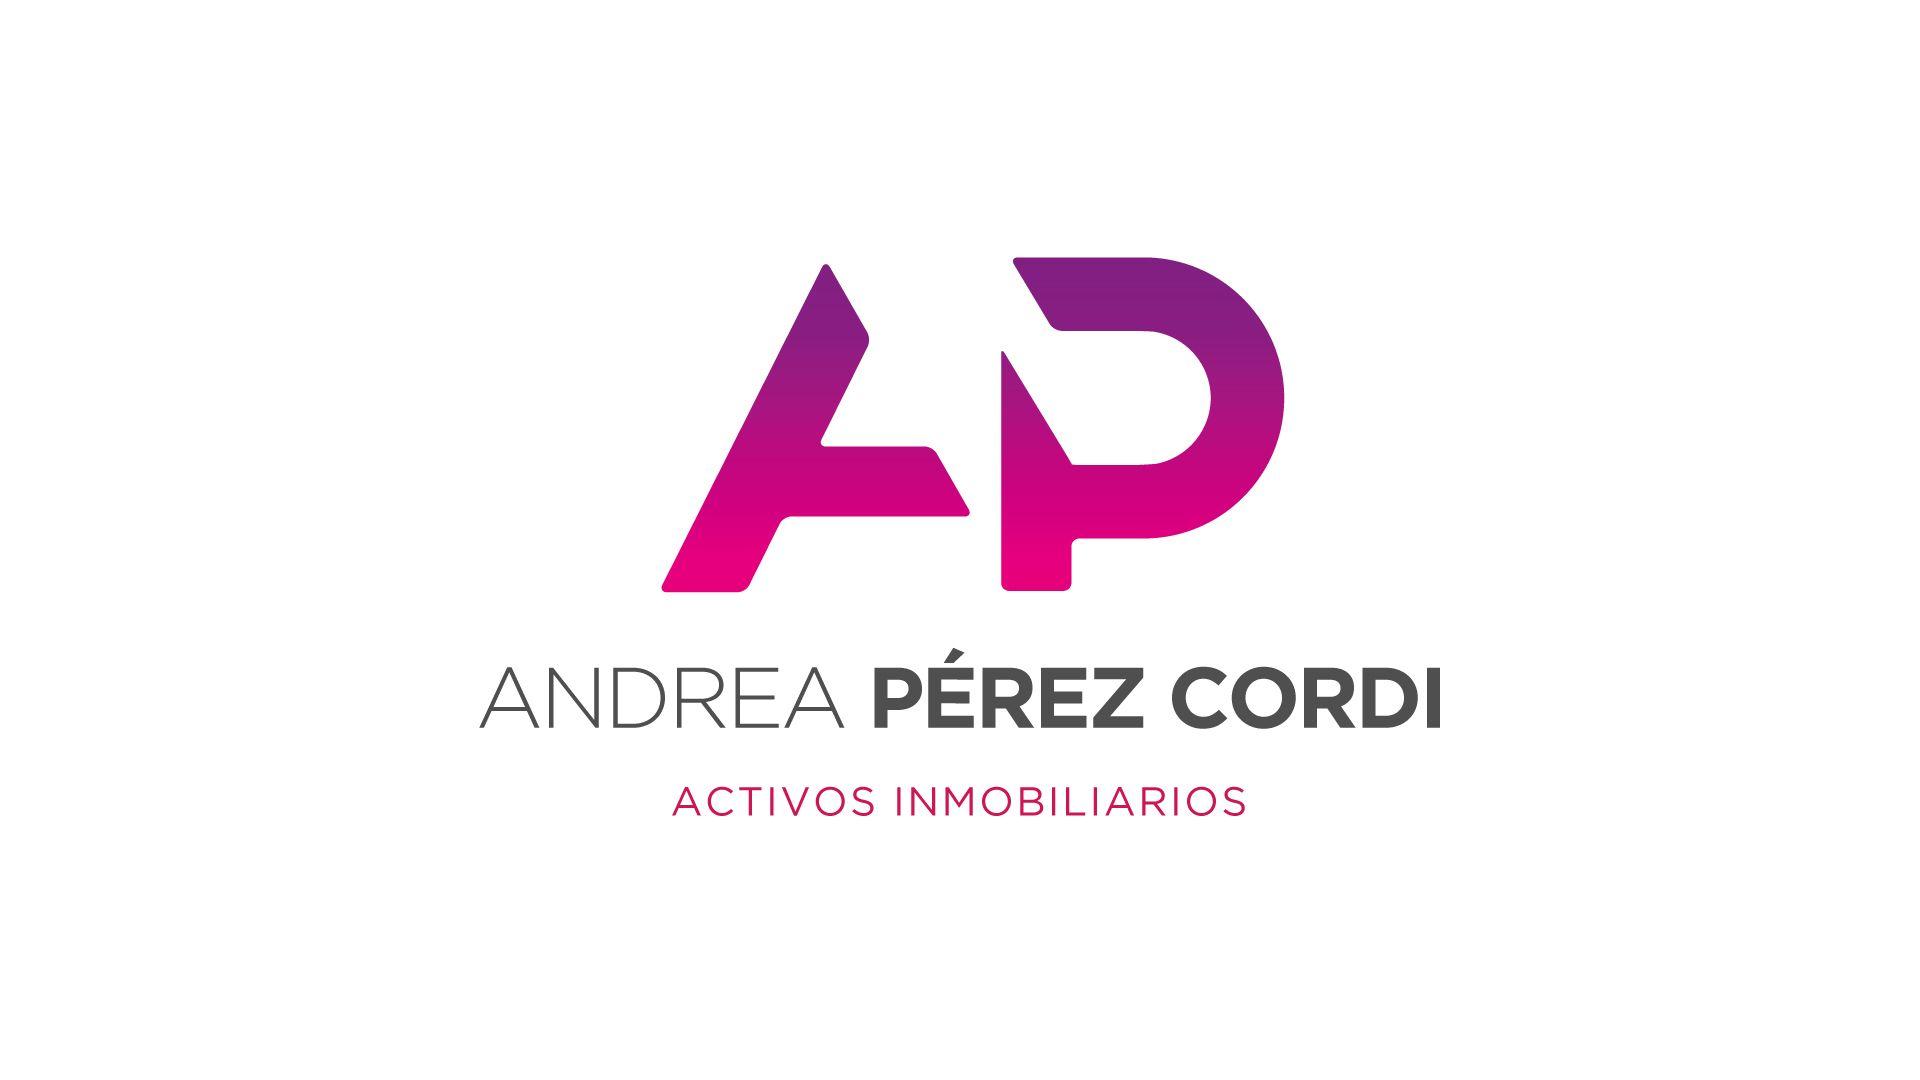 Logo de  Andreaperezcordi